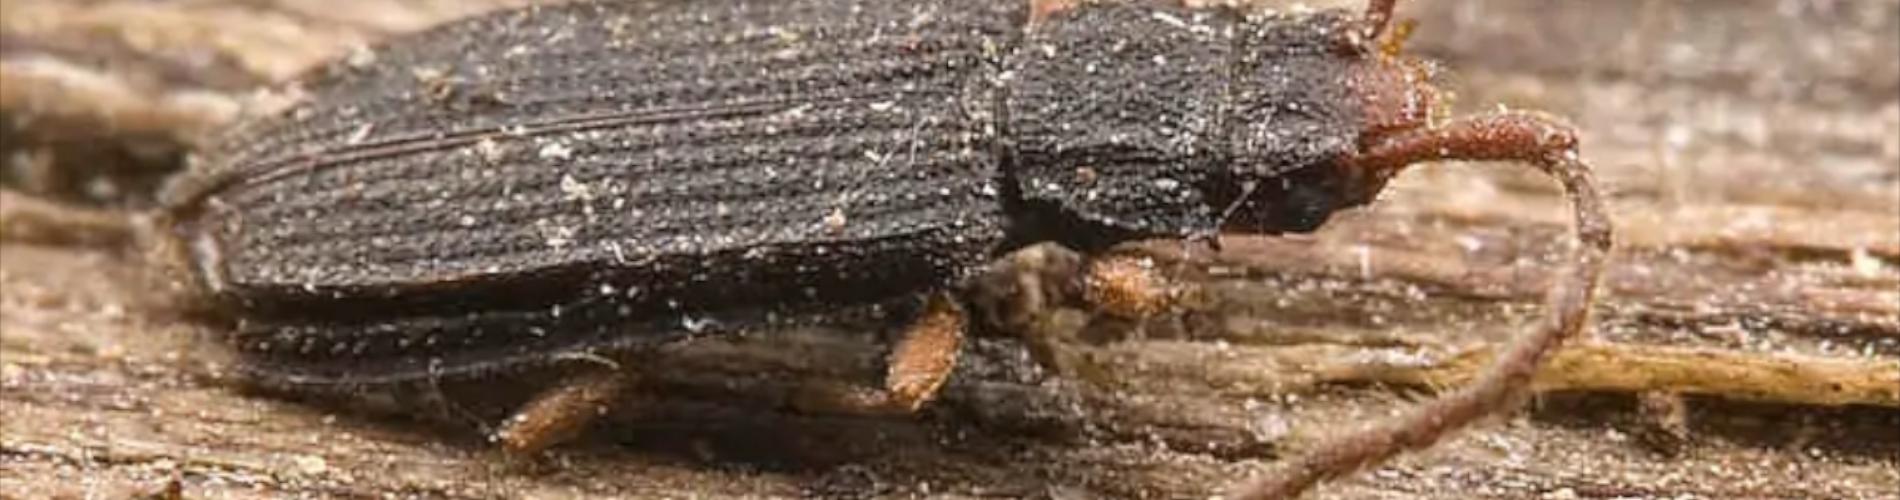 Miazgowcowate lyctidae